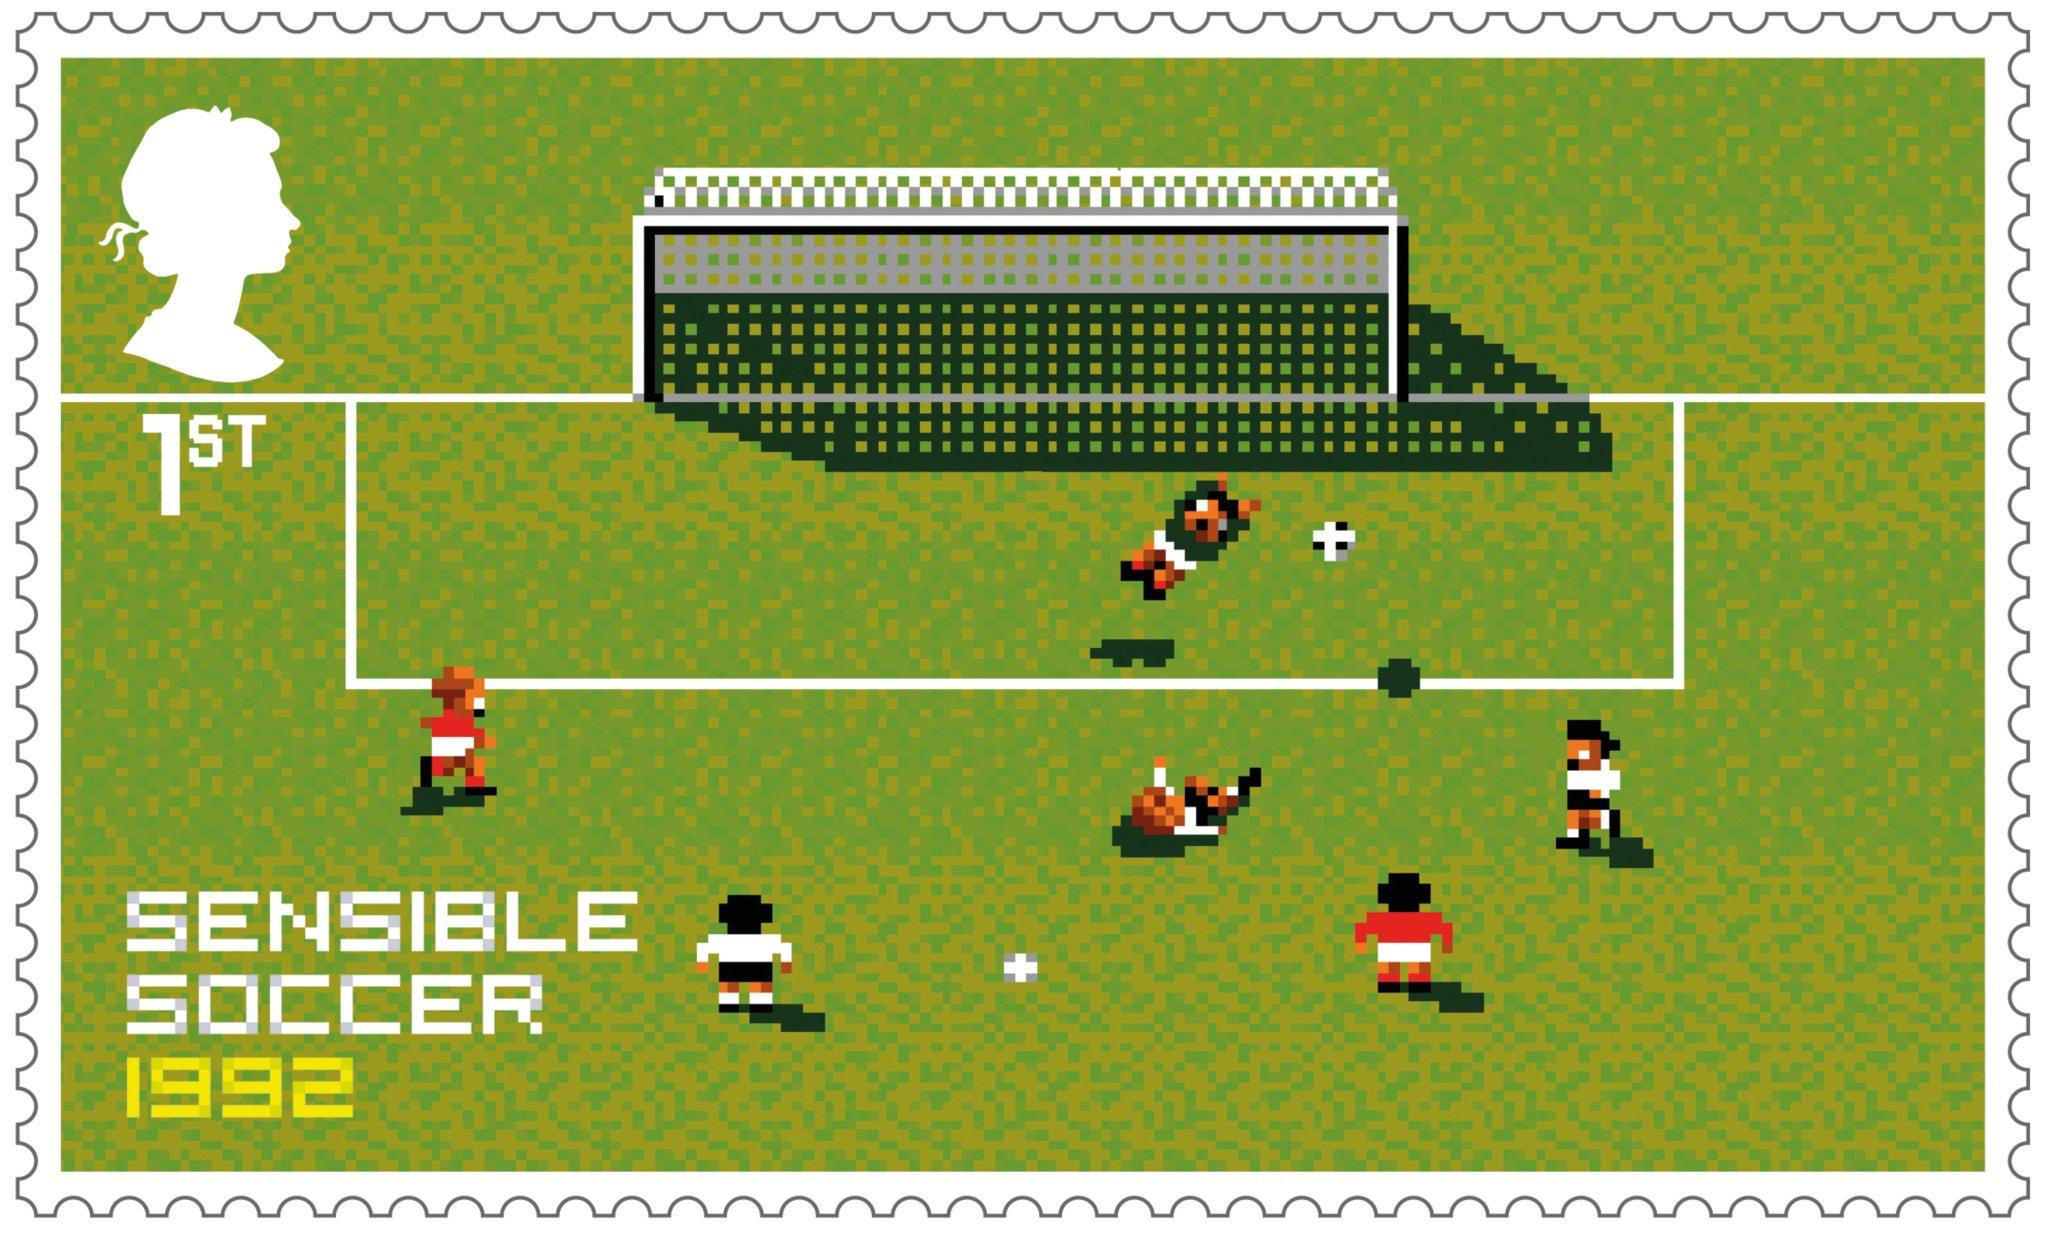 Sensible Soccer 1992